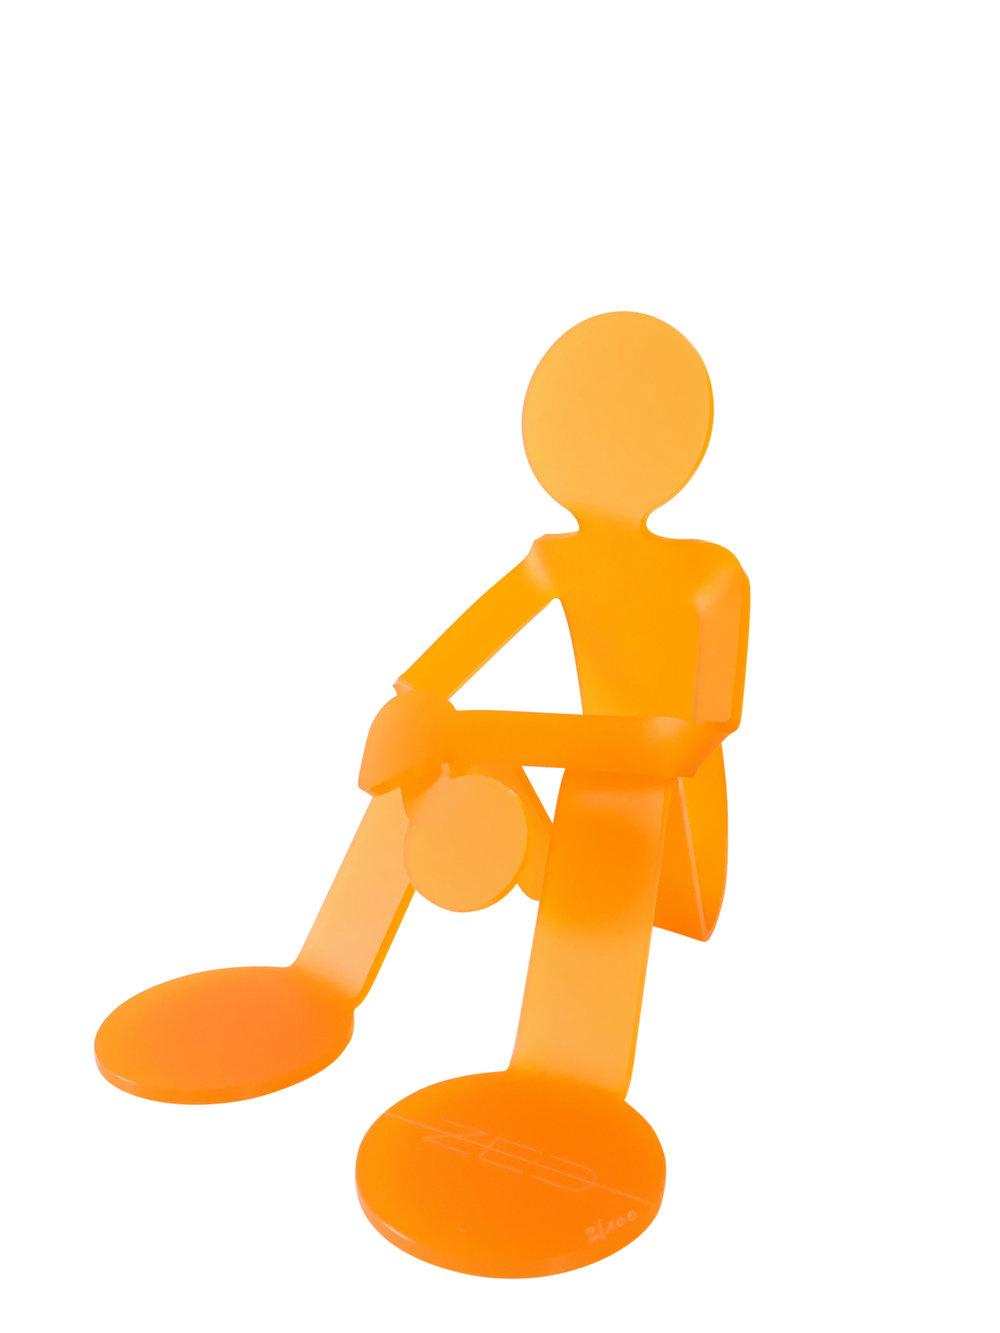 Flexo Be Dreamer 1 orange.jpg